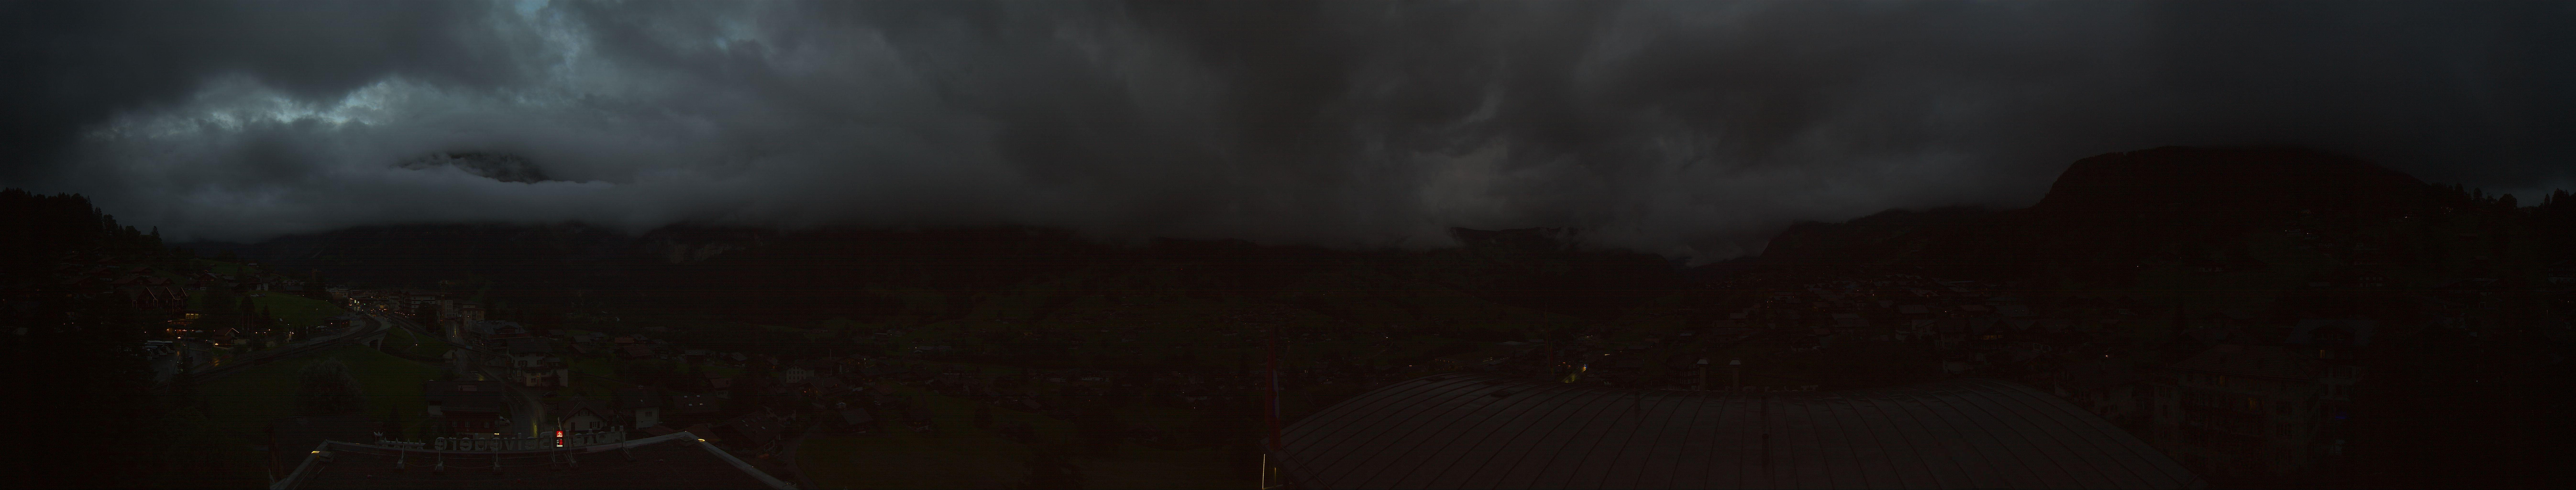 Grindelwald: Belvedere Swiss Quality Hotel Grindelwald - Eiger - Wetterhorn - Kleine Scheidegg - Männlichen